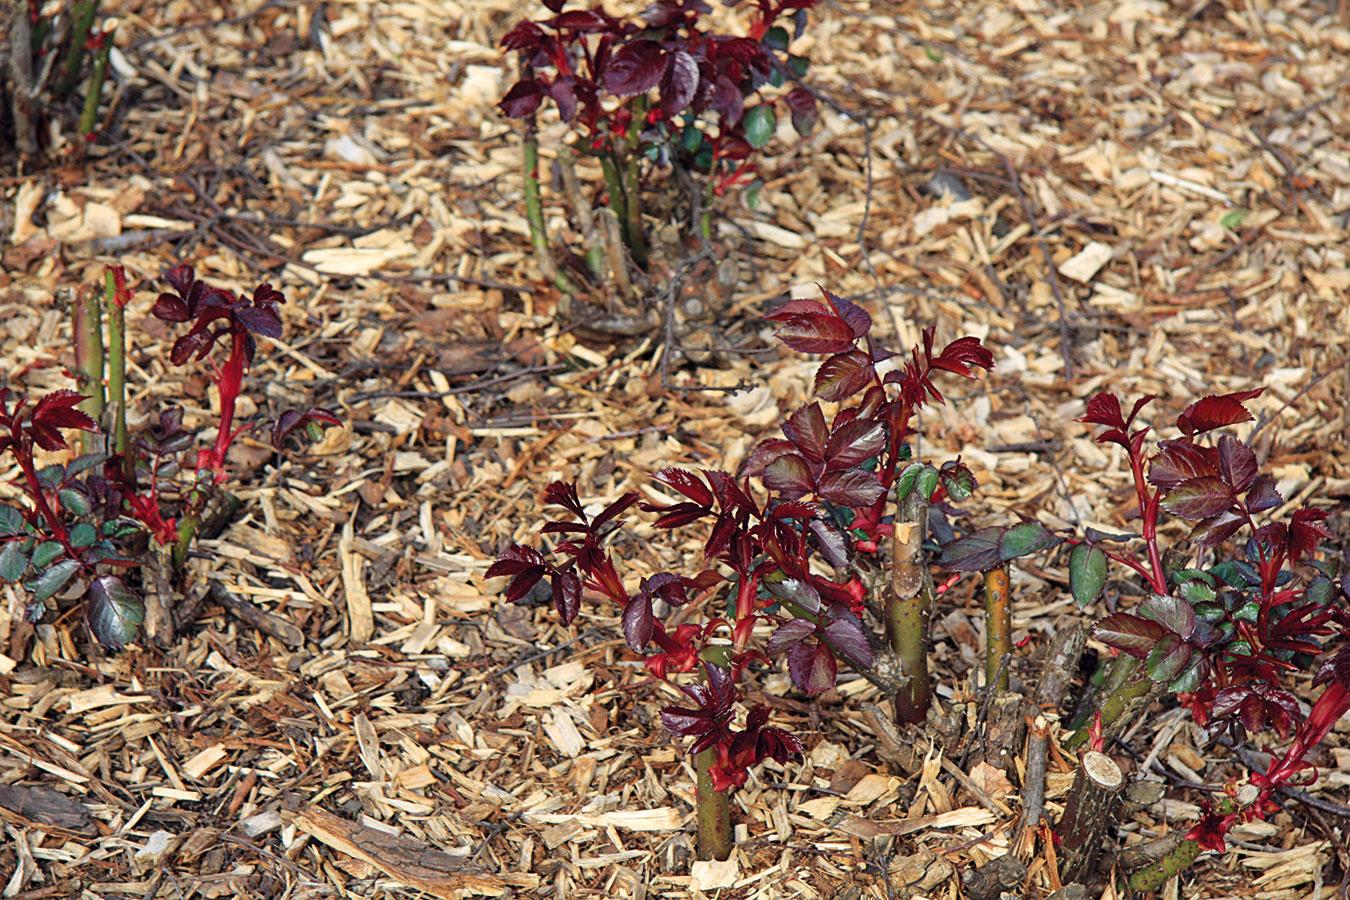 Ak už nehrozia silnejšie mrazy, odstráňte zo záhonov ruží prikrývku aod kríkov odhrňte nakopčenú zeminu (najneskôr do polovice apríla). Odstrihnúť treba namrznuté, choré asuché výhonky, ako aj tie, ktoré smerujú do stredu kríka. Polyantky skráťte na 40 cm, floribundy na 5 až 7 očiek aveľkokveté ruže na 3 až 4 očká, pričom pri tomto druhu je dobré ponechať len asi 4 mladšie zelené výhony. Ak boli stromčekové ruže zohnuté smerom kpôde, treba ich zdvihnúť, prípadne odbaliť zjutoviny azjednotlivých koruniek vystrihať suché výhonky. Ruže treba aj prihnojiť kvalitným hnojivom. Jar je výborná aj na presádzanie starších jedincov avýsadbu nových. Optimálne je vysádzať ich skoreňovým balom, na jar sa však dobre ujmú aj tie bez neho.